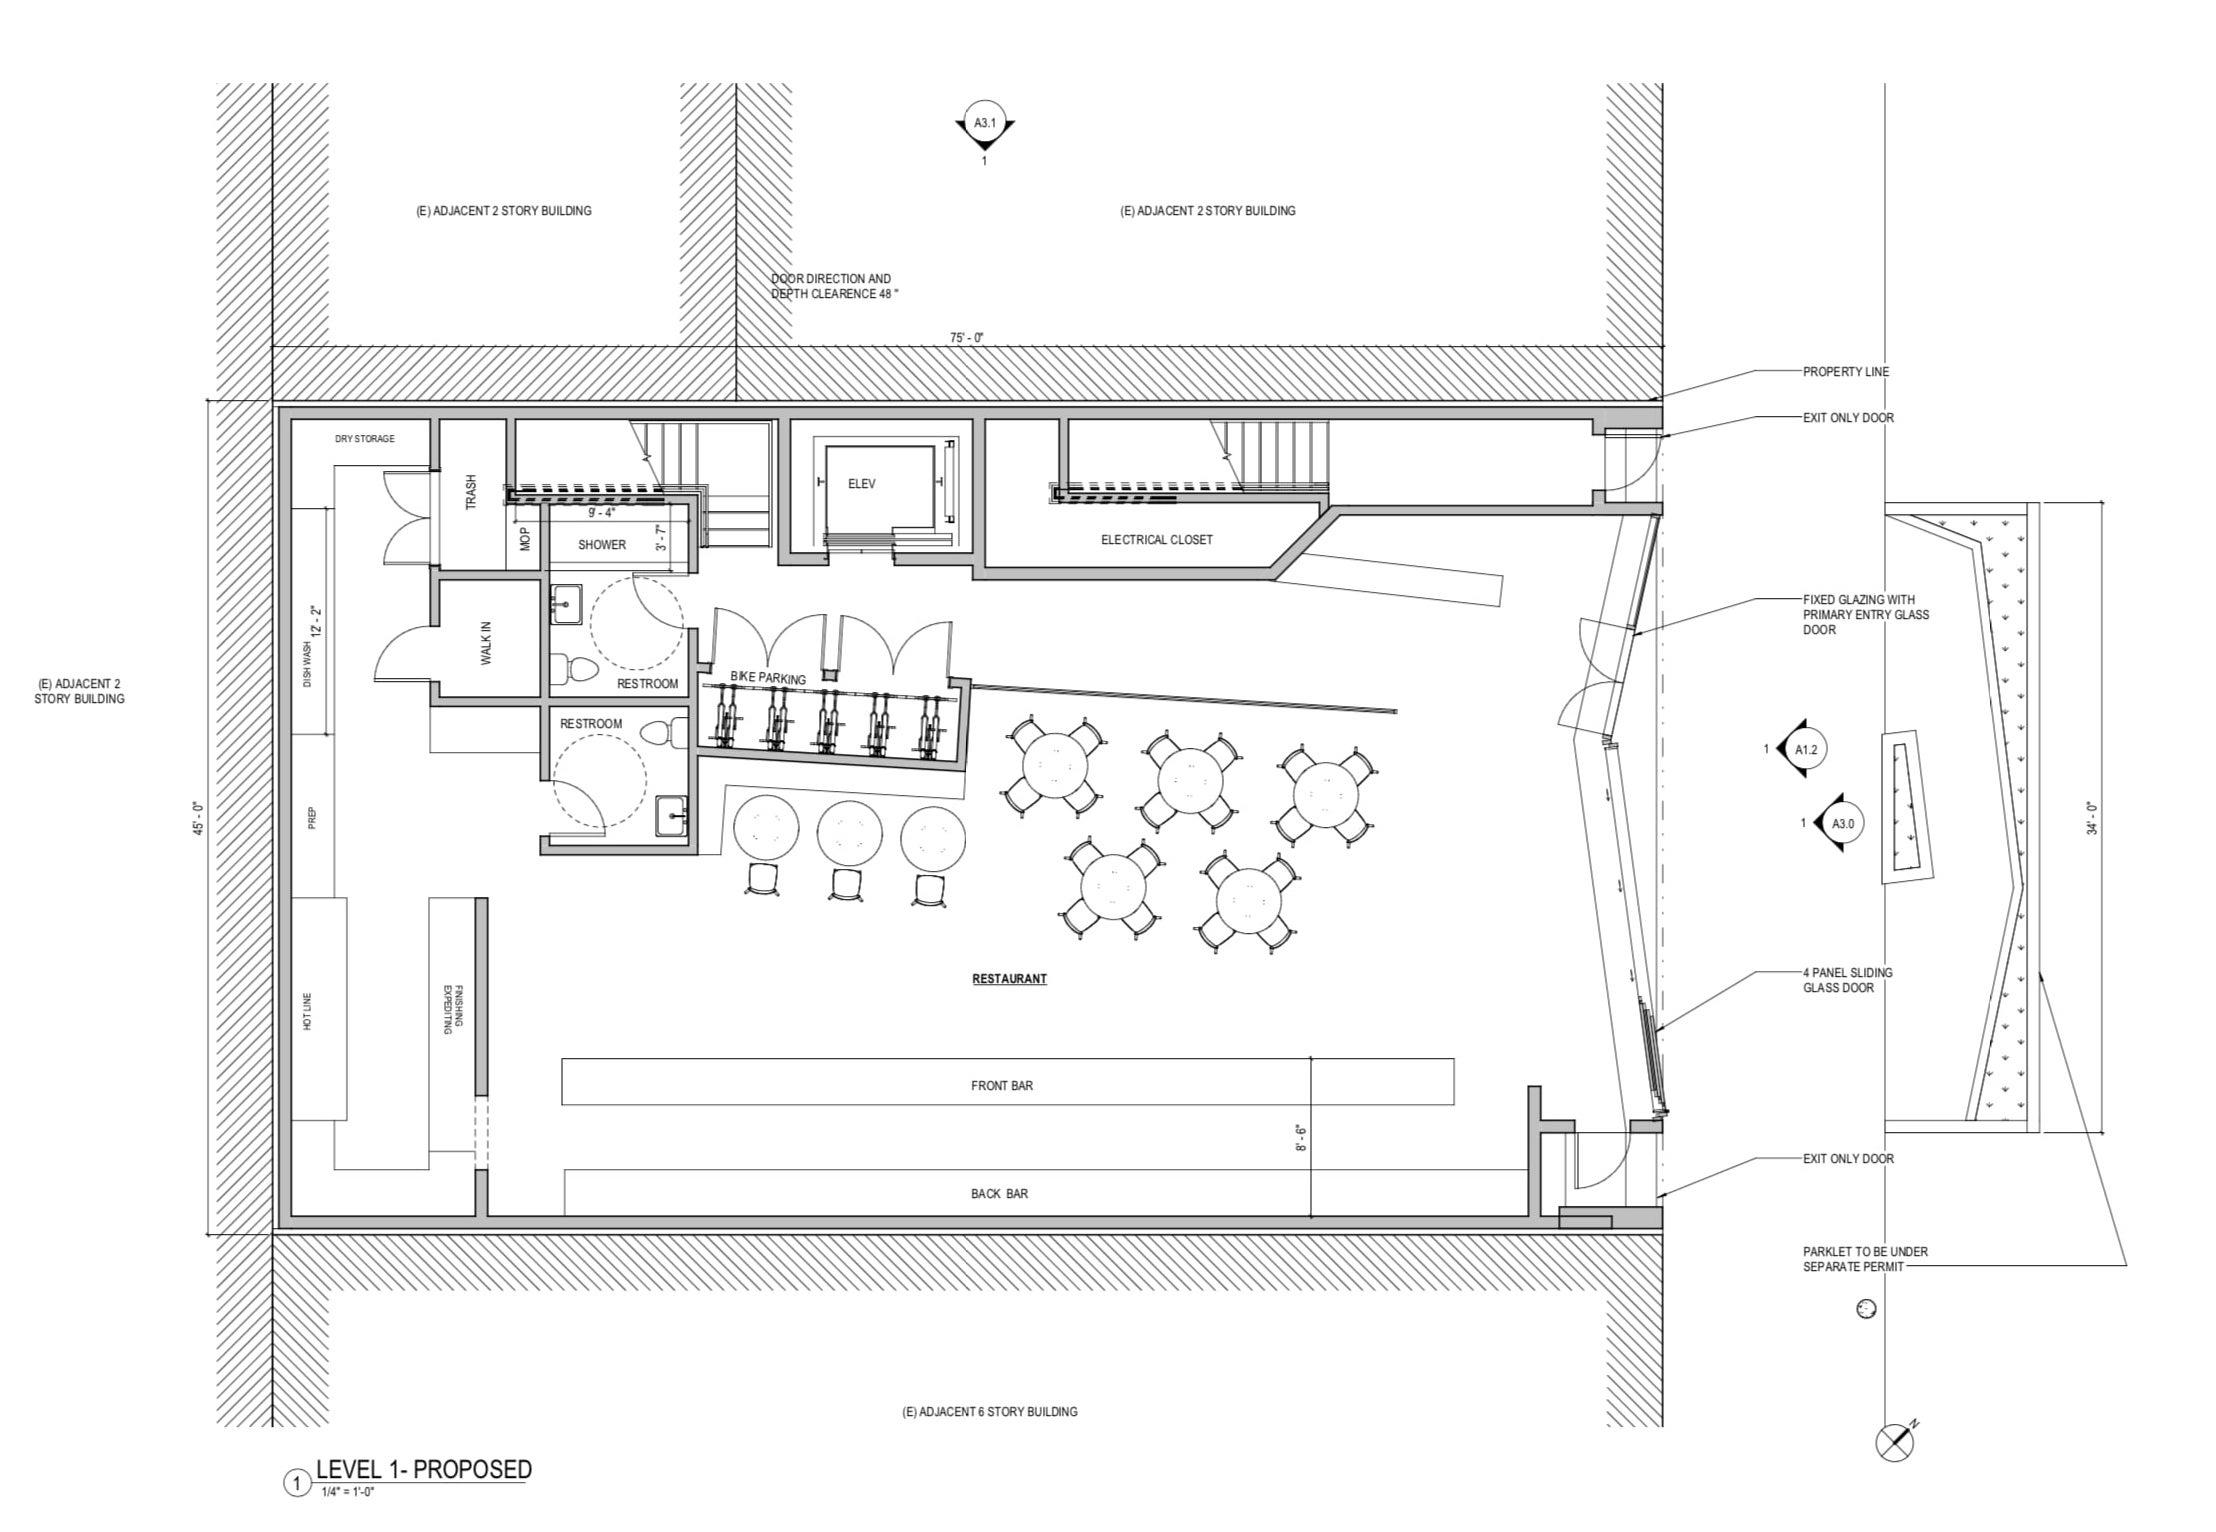 212 Ritch Street First Floor Plan